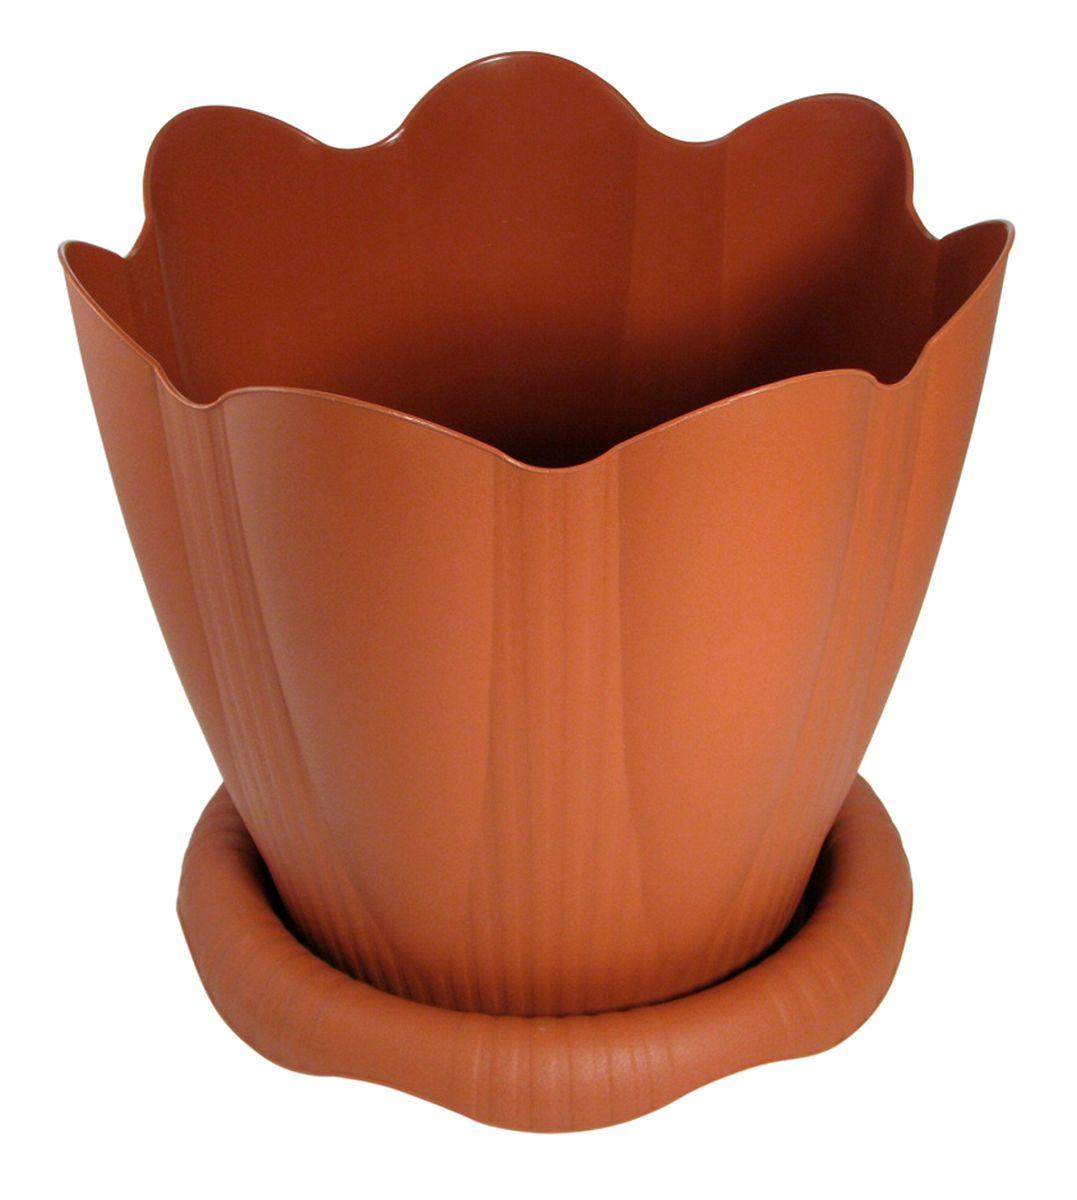 Горшок для цветов Martika Эдельвейс, с поддоном, цвет: терракотовый, 9,5 лMRC194TЛюбой, даже самый современный и продуманный интерьер будет не завершенным без растений. Они не только очищают воздух и насыщают его кислородом, но и заметно украшают окружающее пространство. Такому полезному члену семьи просто необходим красивый и функциональный горшок. Горшок для цветов Martika Эдельвейс, выполненный из пластика, с легкостью переносится с места на место, его можно поставить на столик или полку, подвесить под потолок, не беспокоясь о нагрузке. Пластиковые изделия не нуждаются в специальных условиях хранения. Их легко чистить - достаточно просто сполоснуть теплой водой. Они не царапают и не загрязняют поверхности, на которых стоят. Пластик дольше хранит влагу, а значит - растение реже нуждается в поливе, а также не пропускает воздух - корневой системе растения не грозят резкие перепады температур.